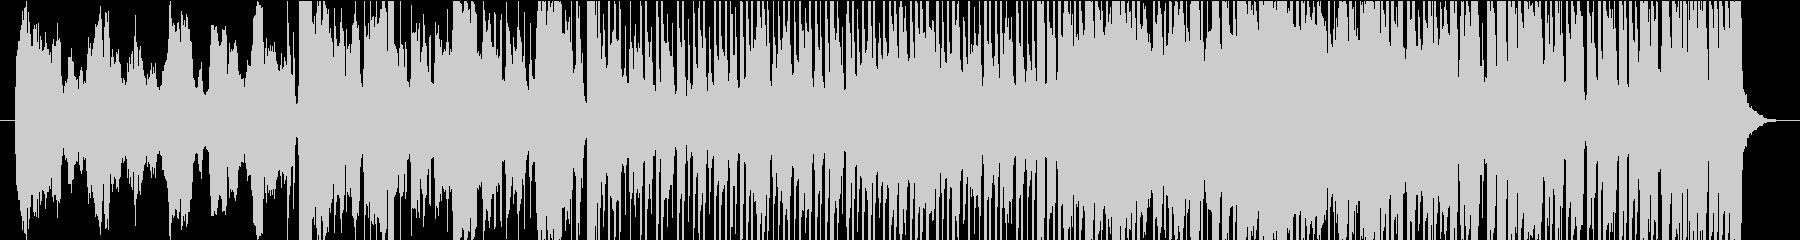 不思議なリズムのSaxポップロックの未再生の波形